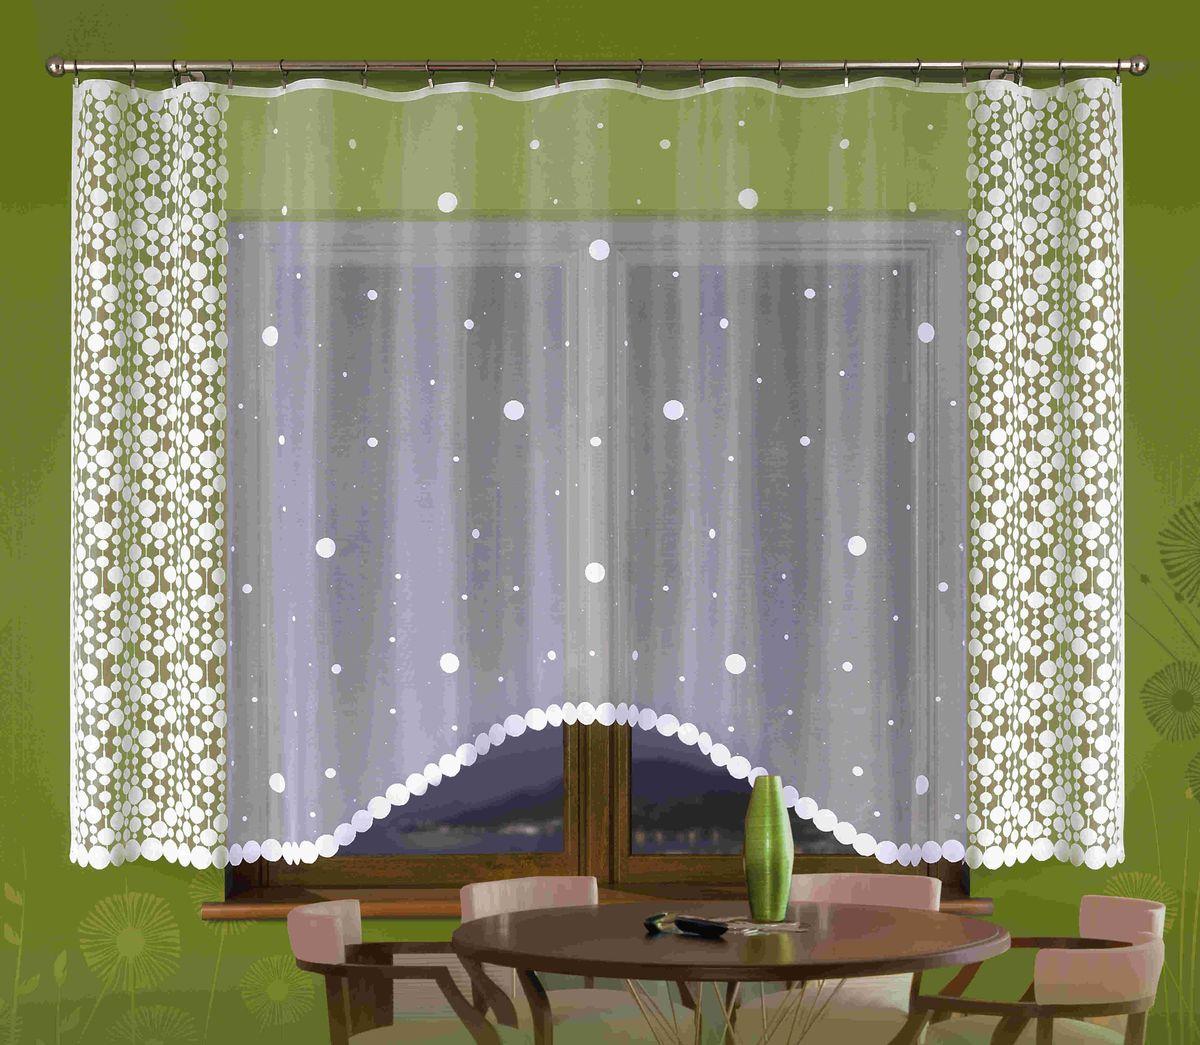 Гардина Wisan Halka, цвет: белый, высота 180 смE129Воздушная гардина Wisan Halka, изготовленная из полиэстера, станет великолепным украшением любого окна. Изделие, оформленное принтом в горох, привлечет к себе внимание и органично впишется в интерьер комнаты. Оригинальное оформление гардины внесет разнообразие и подарит заряд положительного настроения. Верхняя часть гардины не оснащена креплениями.